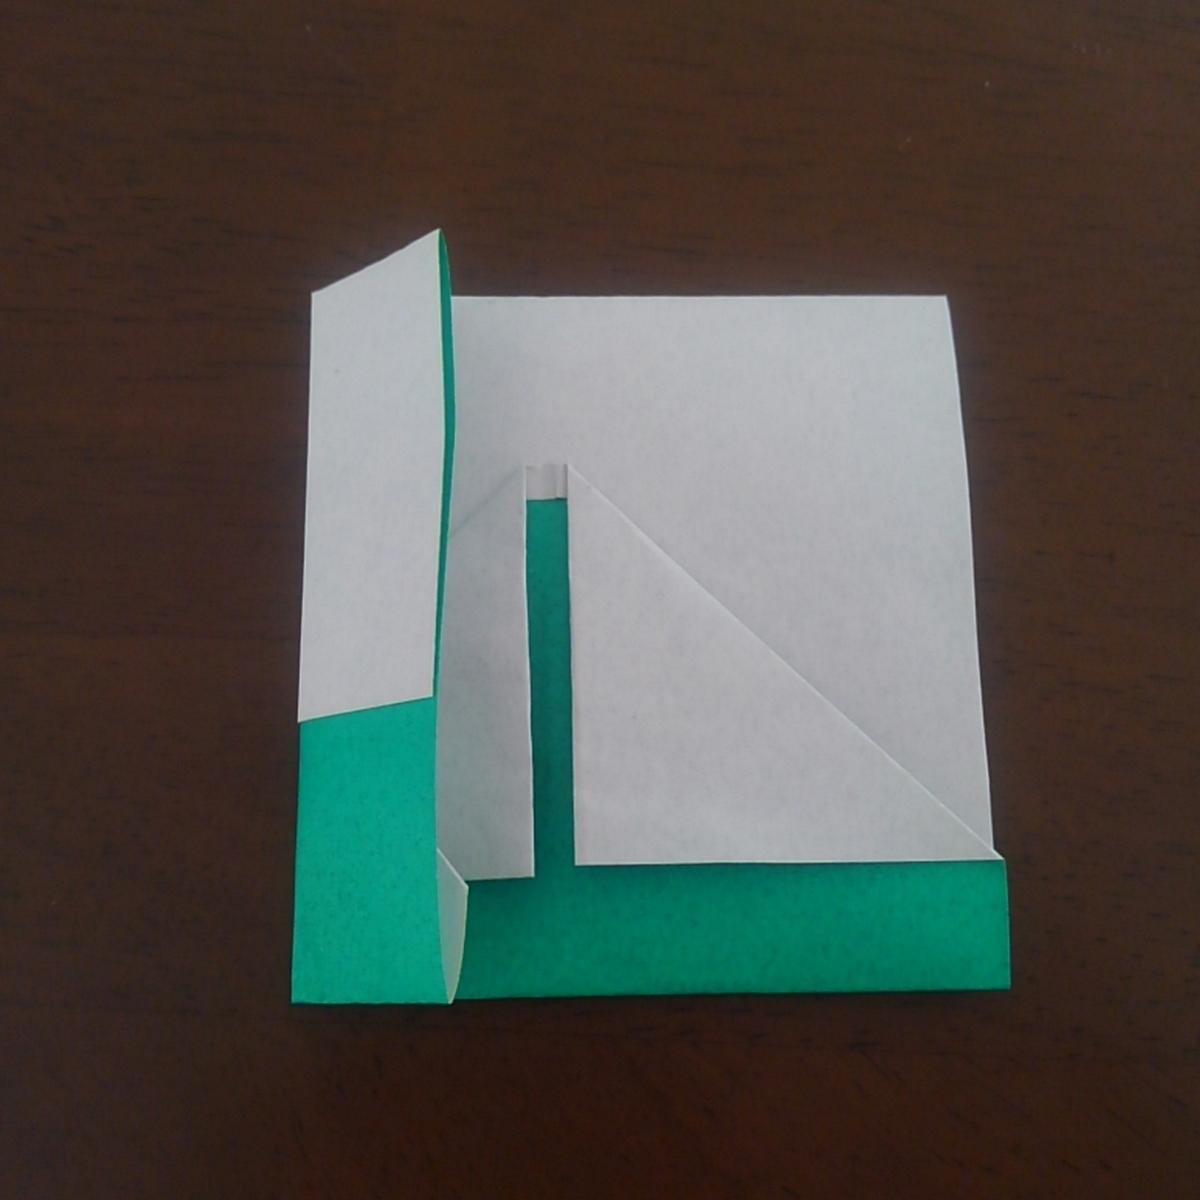 鬼滅の刃 折り紙 はっぴ 簡単 炭次郎